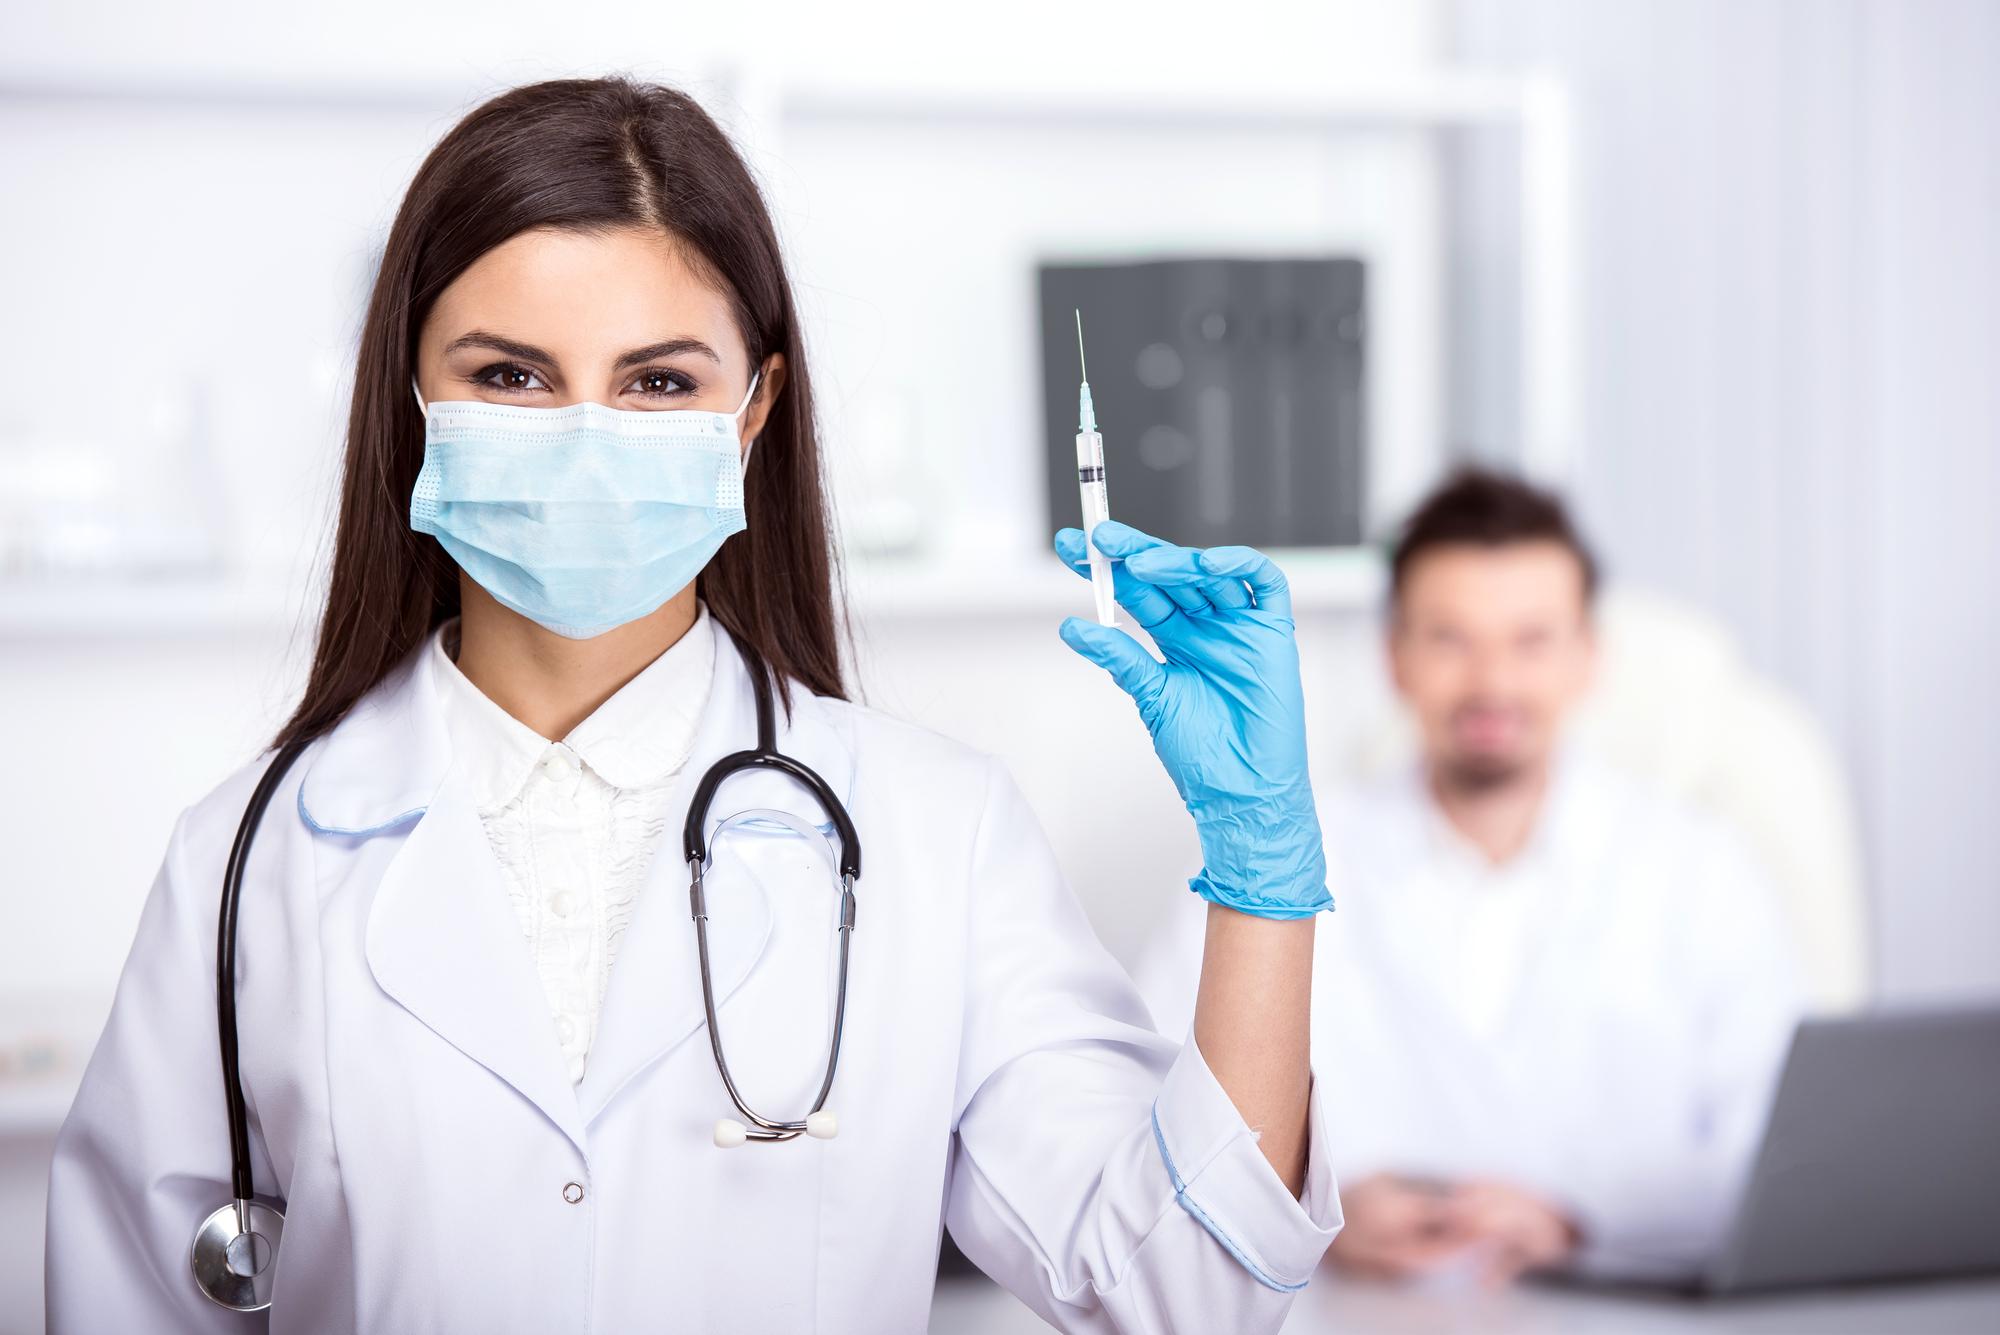 Прививка от дифтерии: что следует знать